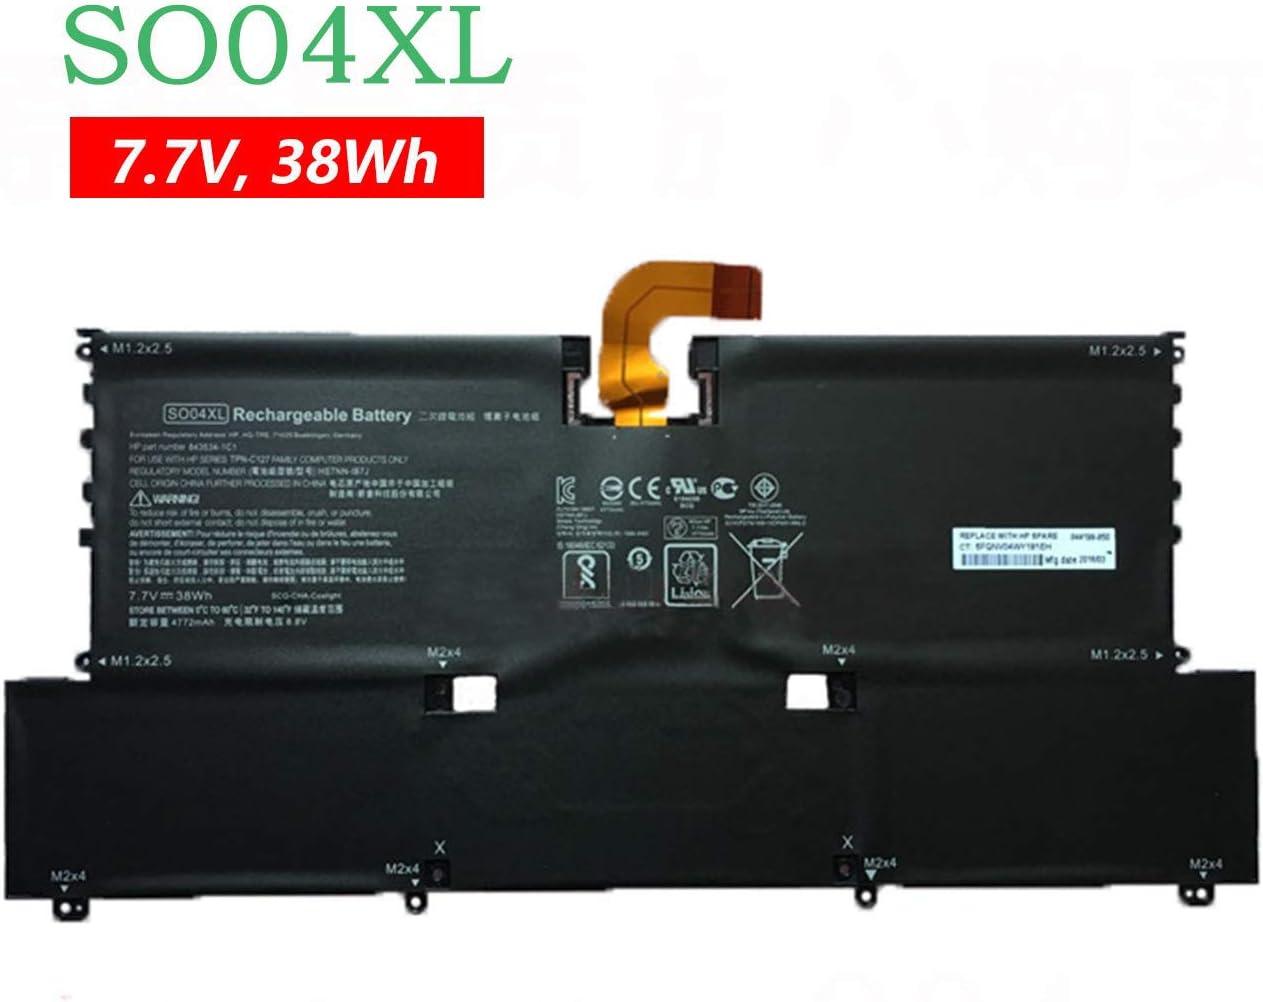 BOWEIRUI SO04XL (7.7V 38Wh 4950mAh) Laptop Battery Replacement for Hp Spectre 13 13-V016TU 13-V015TU 13-V014TU 13-V000 Series SOO4XL S004XL 844199-855 843534-1C1 HSTNN-IB7J TPN-C127 (Connector 2)